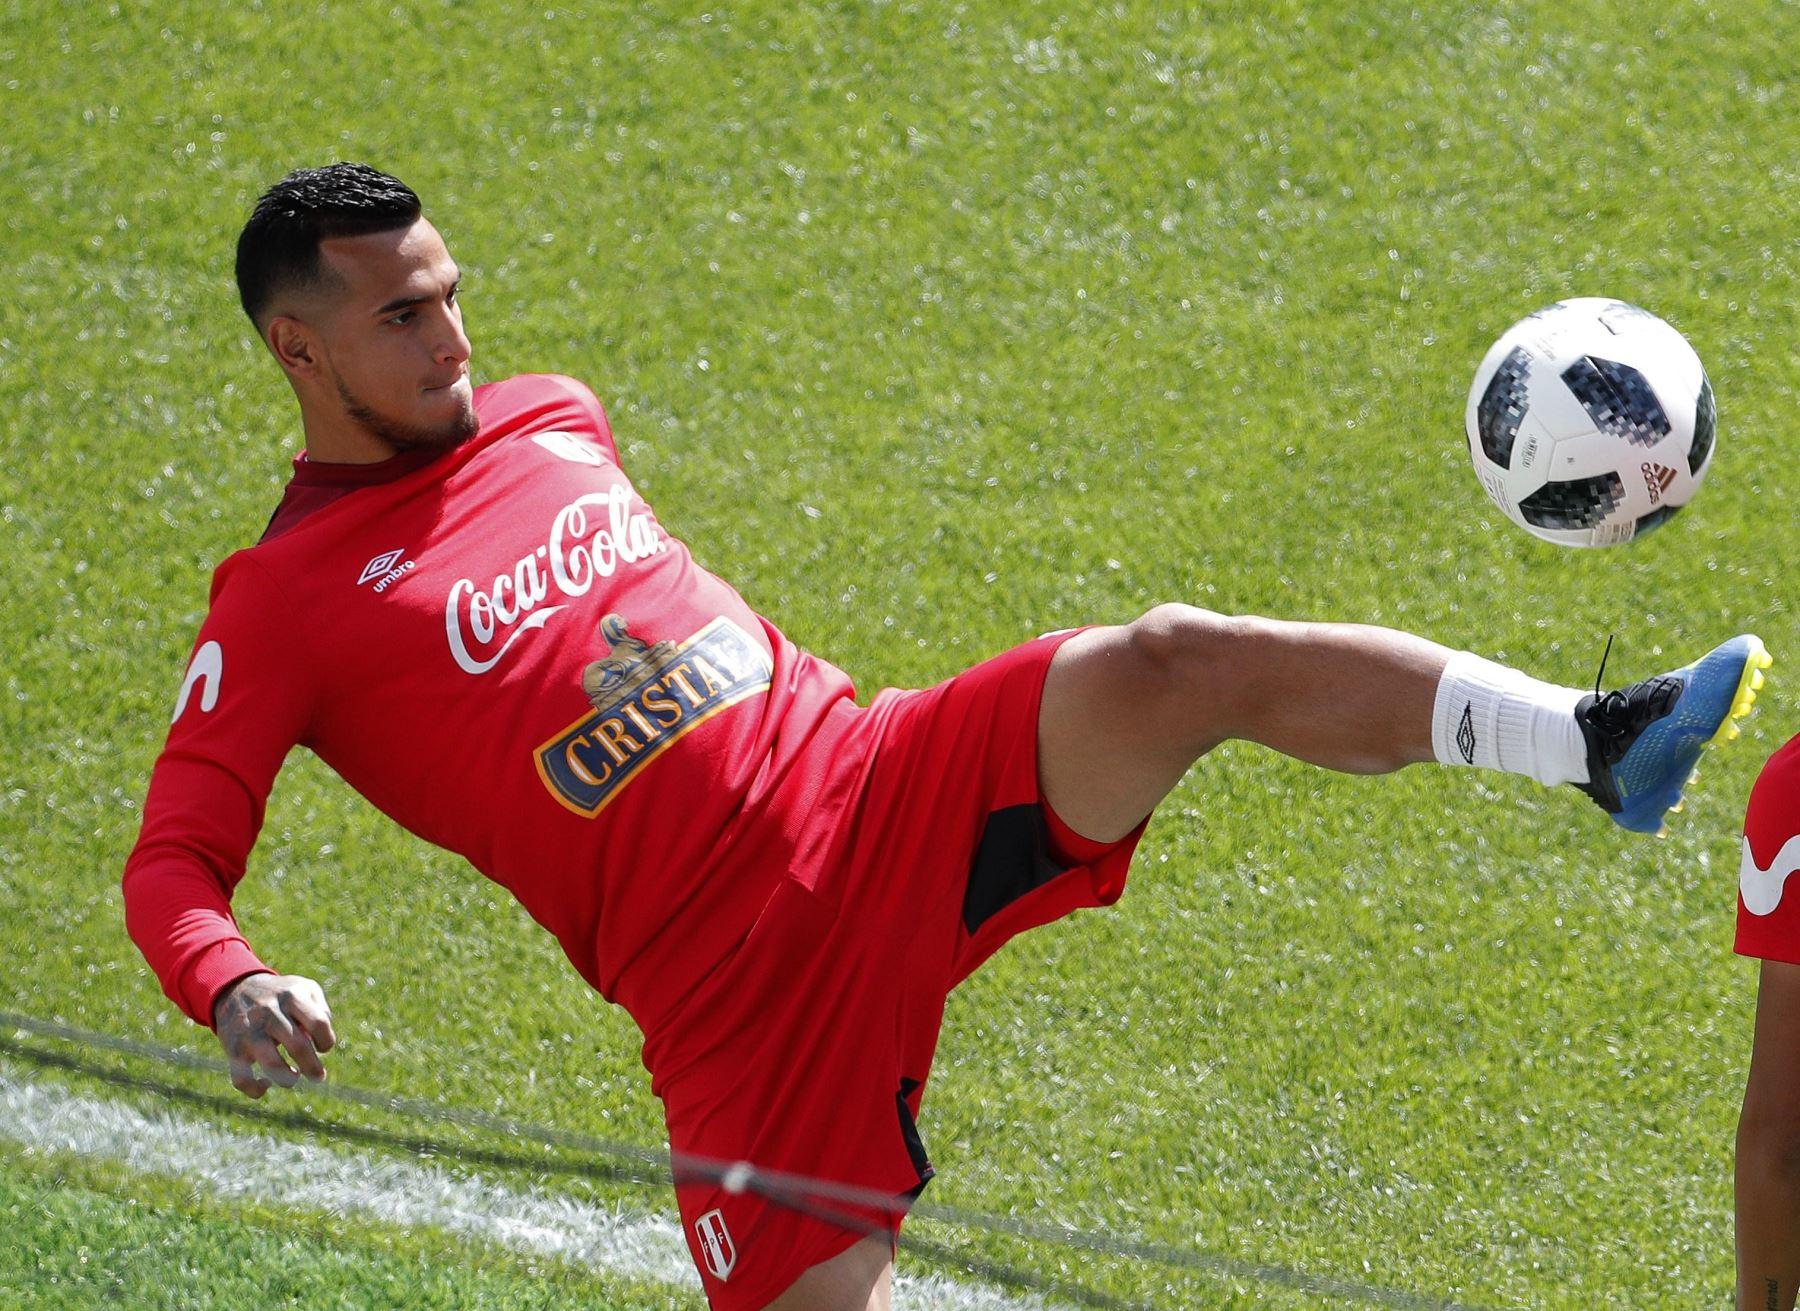 El defensa de la selección peruana Miguel Trauco durante un entrenamiento celebrado en el estadio Khimki de Moscú. Foto: EFE